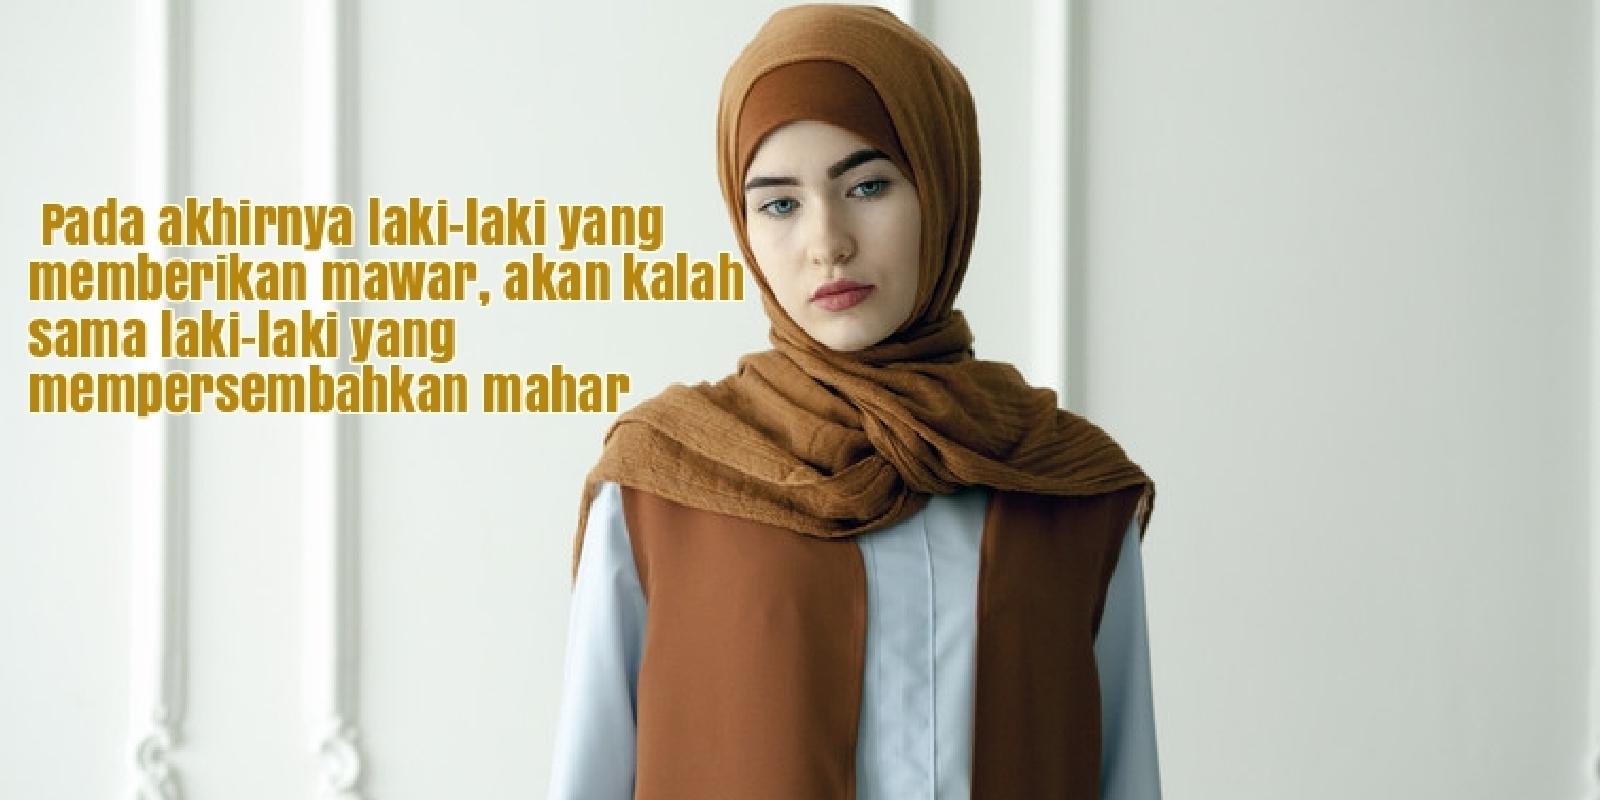 Foto Kata Kata Wanita Muslimah